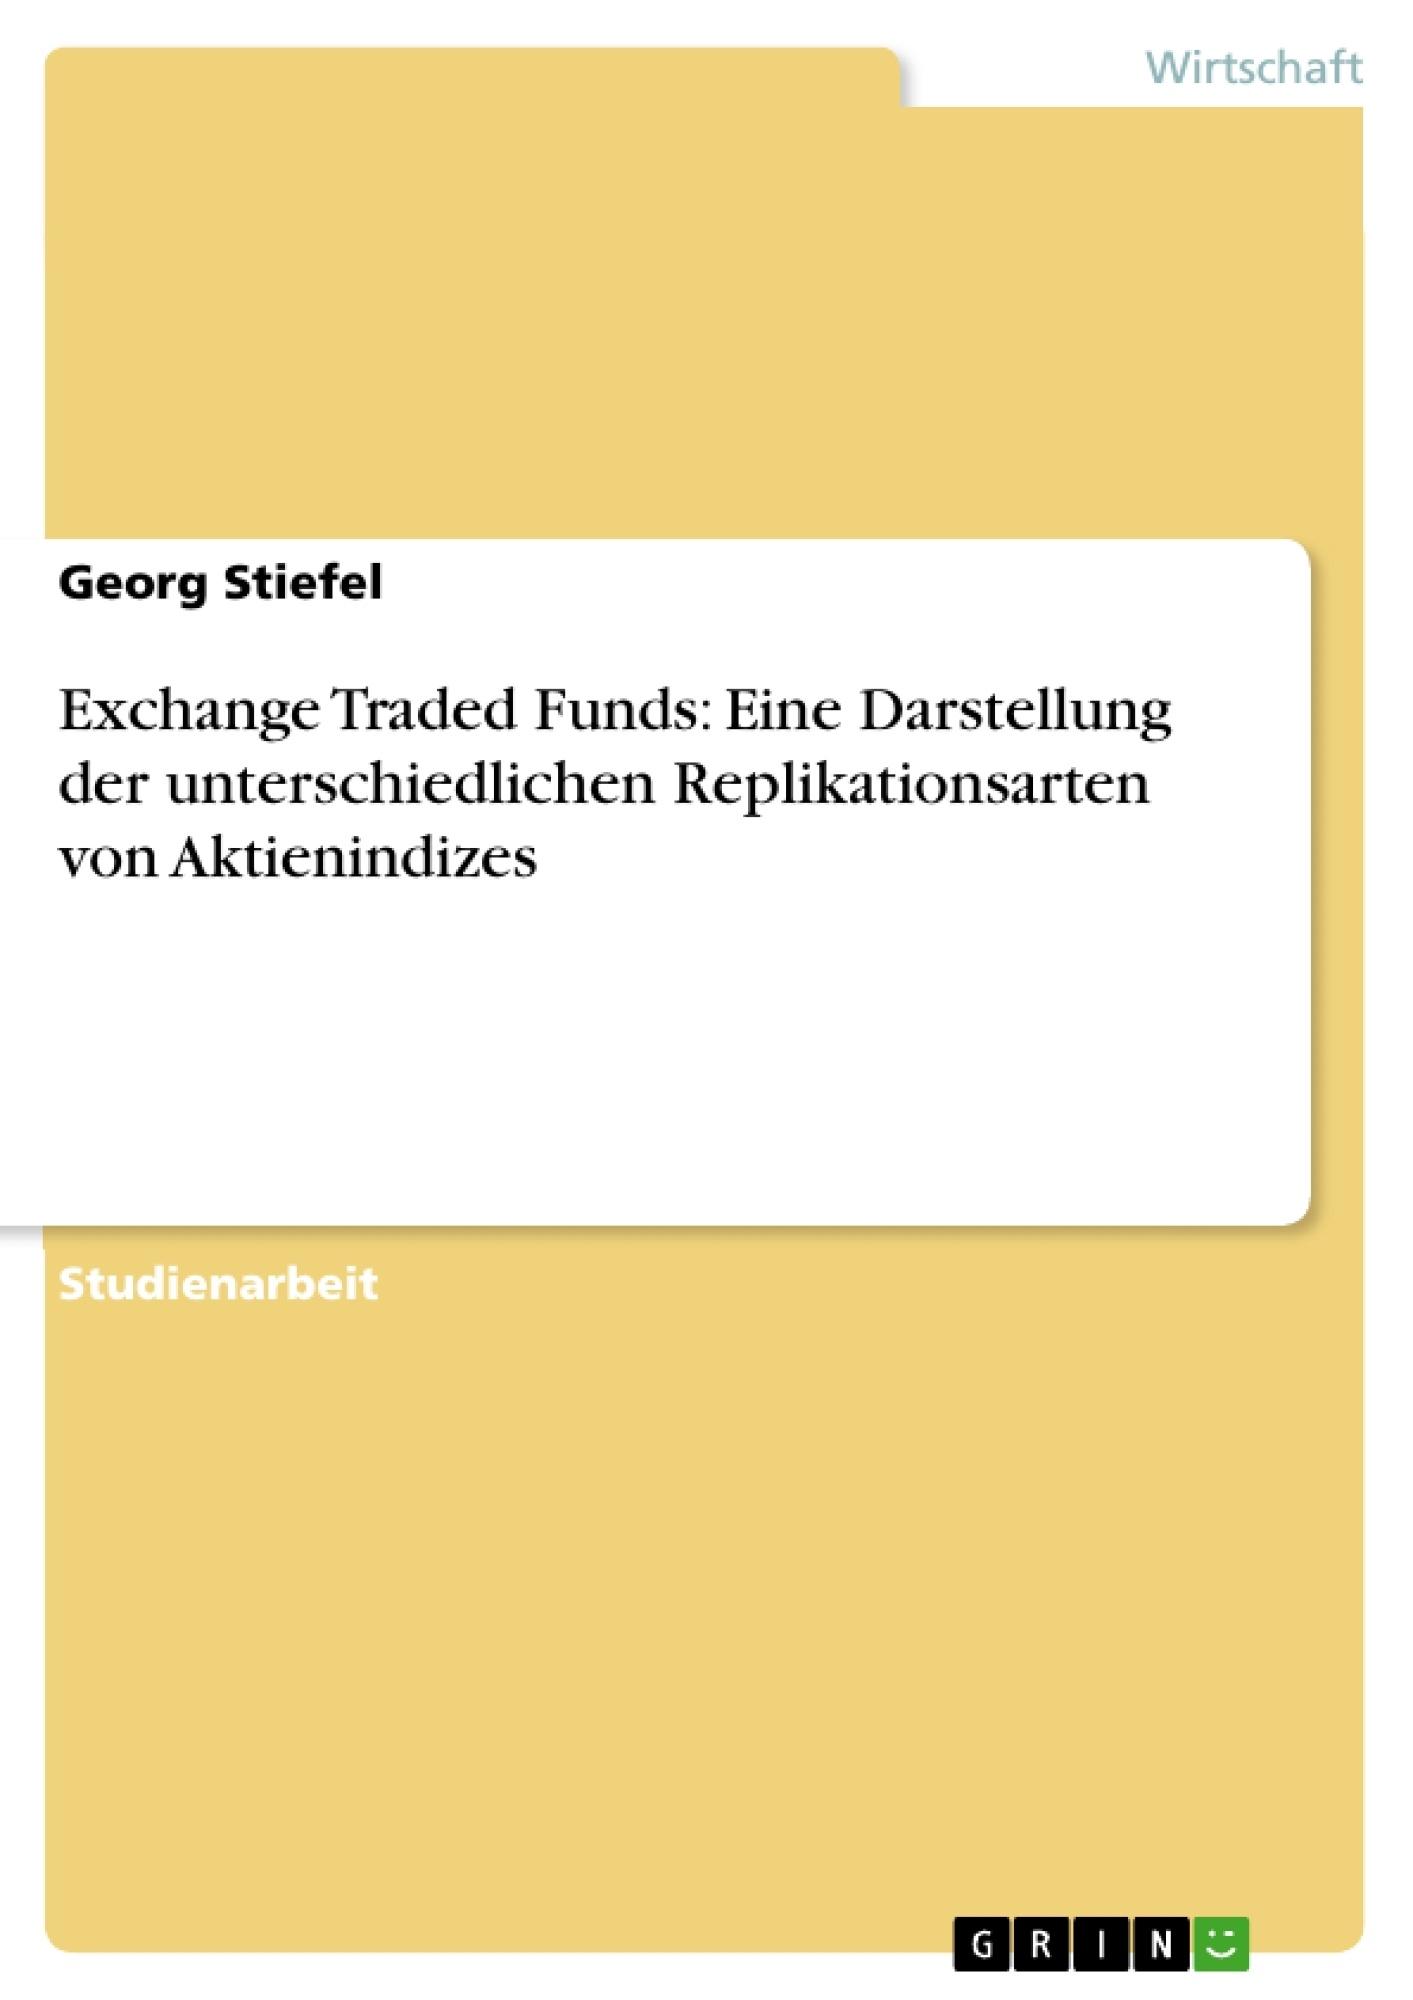 Titel: Exchange Traded Funds: Eine Darstellung der unterschiedlichen Replikationsarten von Aktienindizes